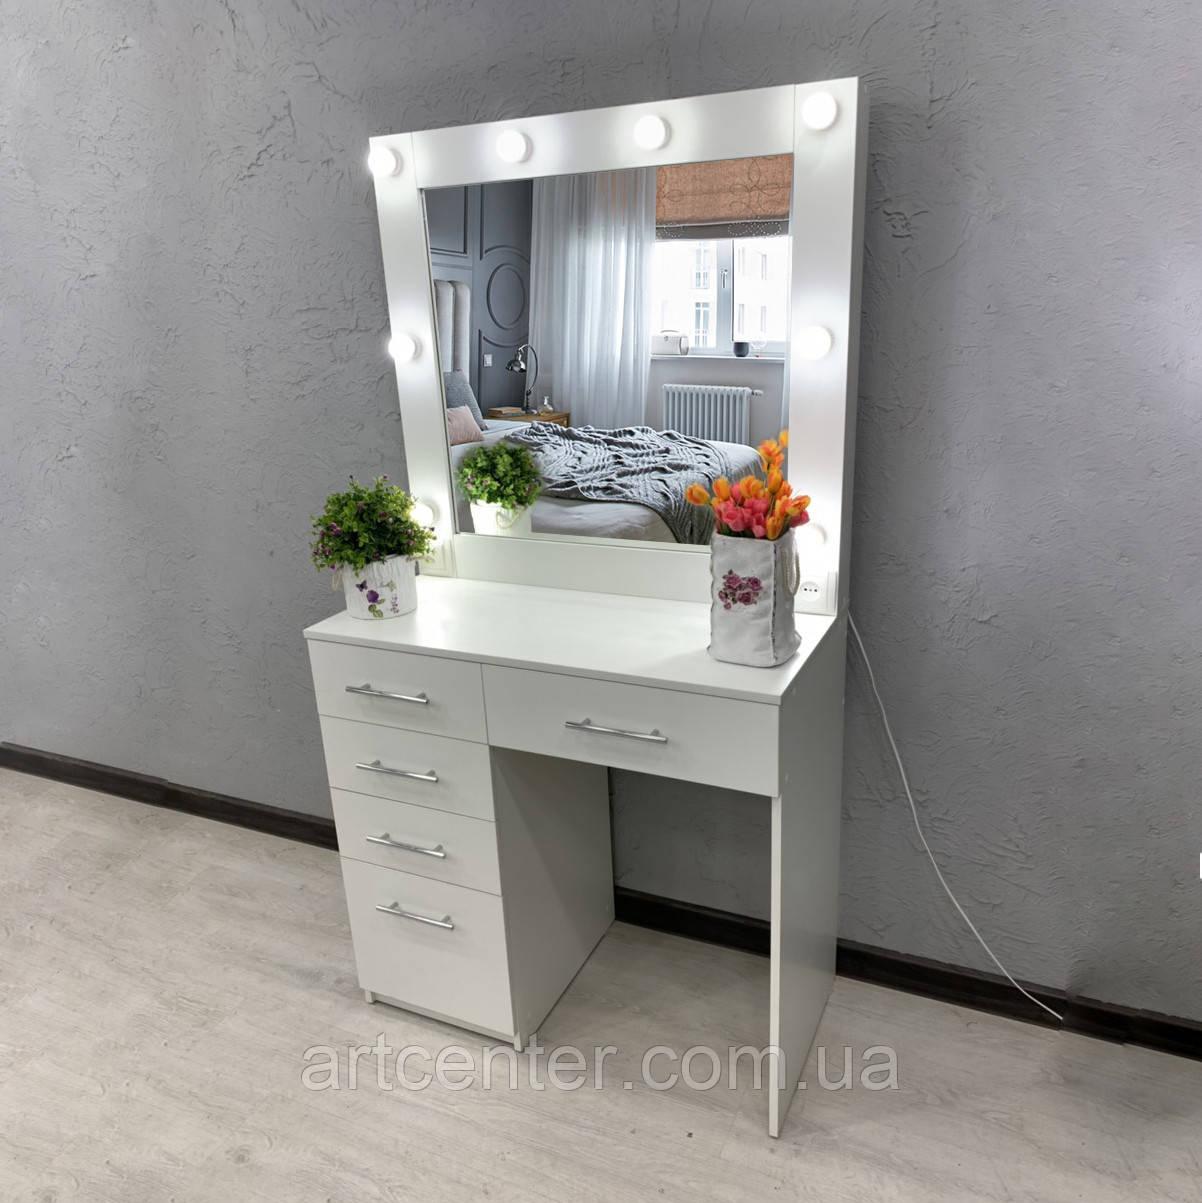 Удобный визажный столик, стол для визажиста, туалетный столик